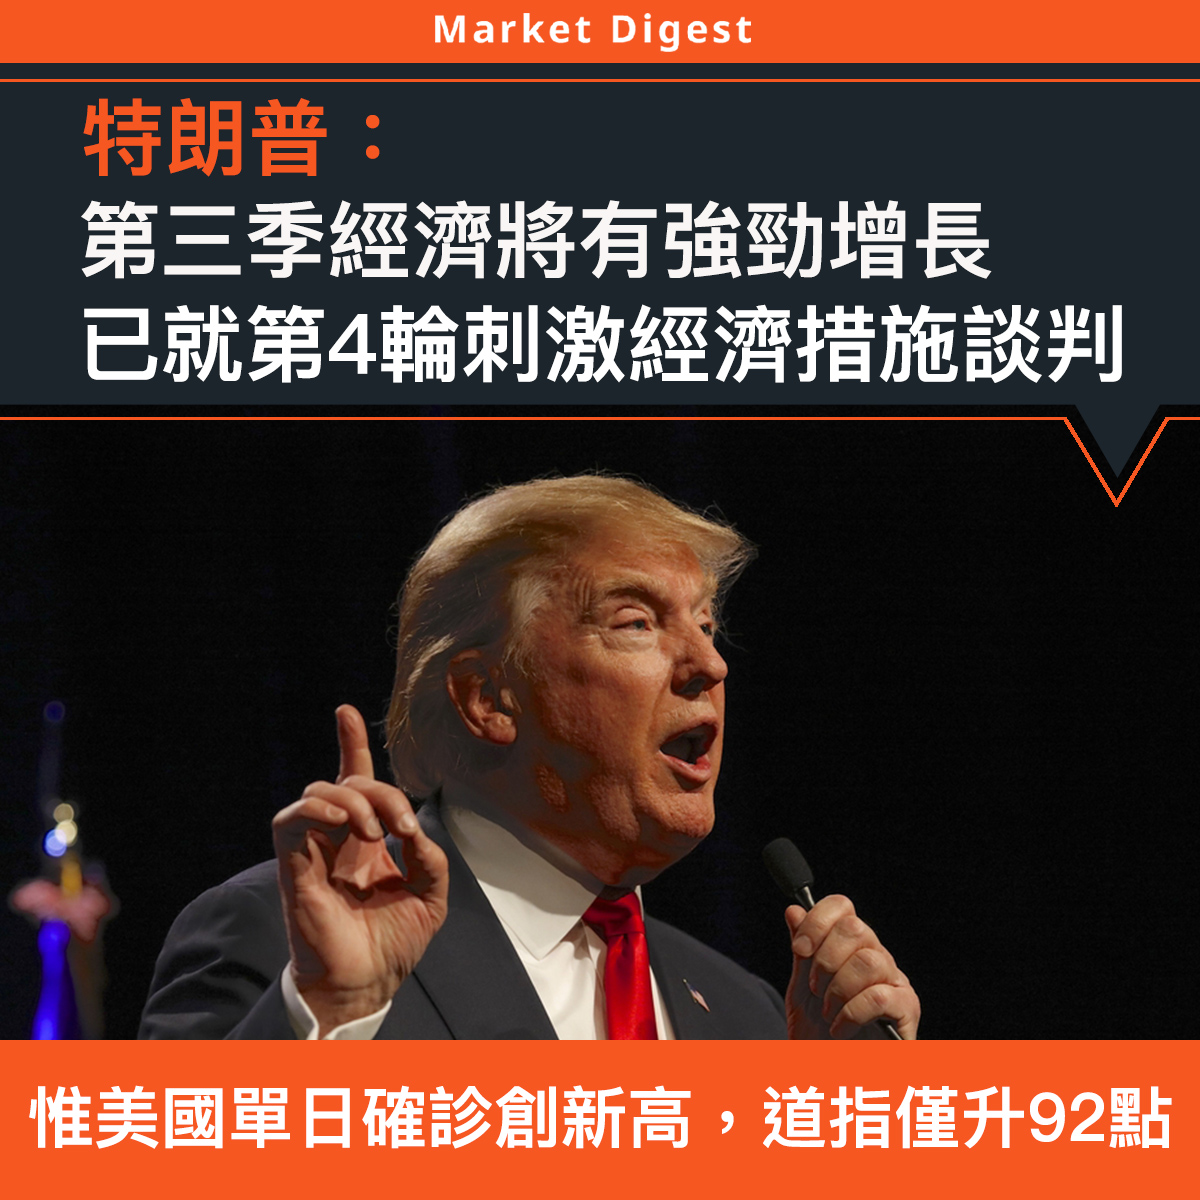 【市場熱話】特朗普:第三季經濟將有強勁增長,已就第4輪刺激經濟措施談判